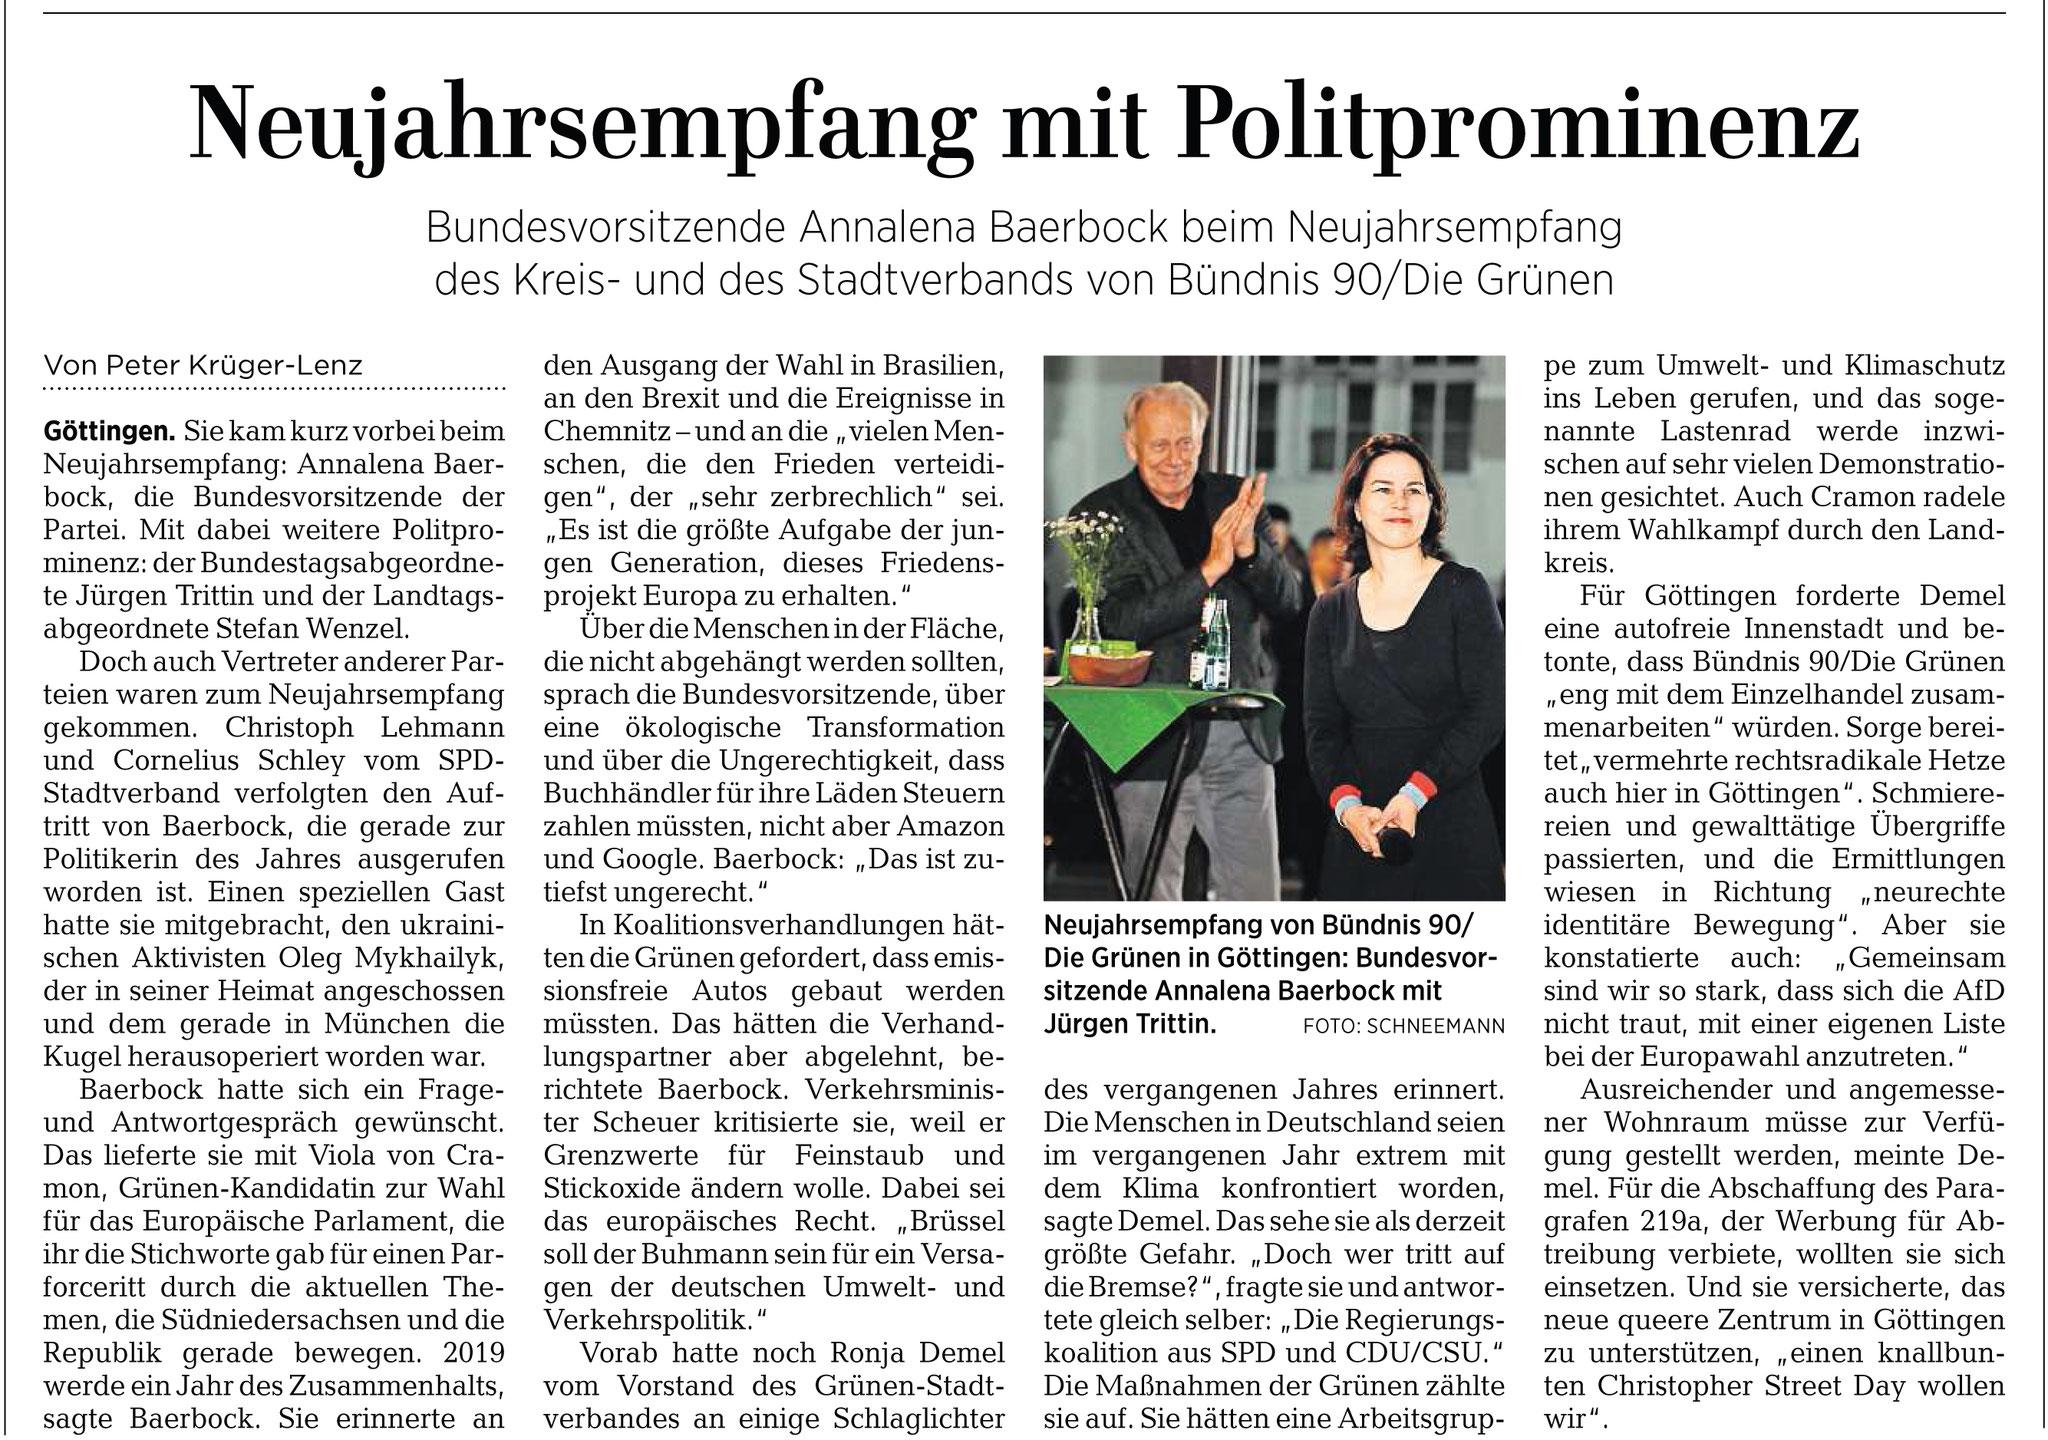 Göttinger Tageblatt: Neujahrsempfang Bündnis90/Die Grünen in Göttingen mit der Bundesvorsitzenden Annalena Baerbock und Jürgen Trittin